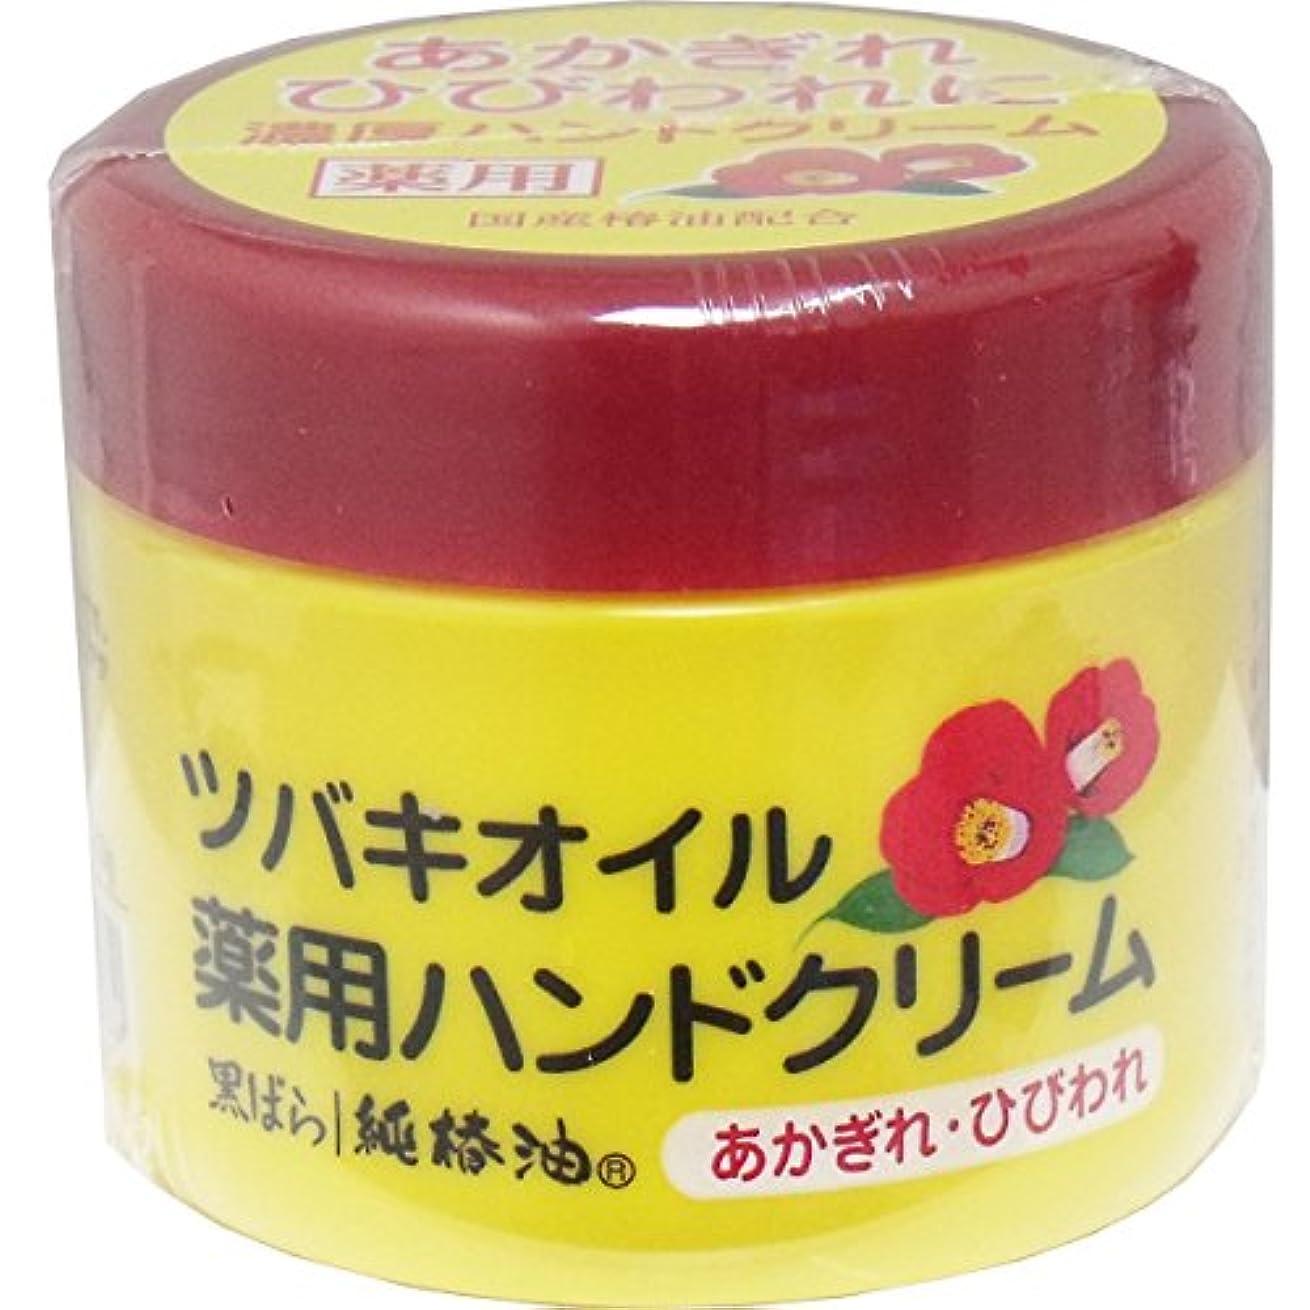 結核しばしばキャリッジ【まとめ買い】ツバキオイル 薬用ハンドクリーム ×2セット